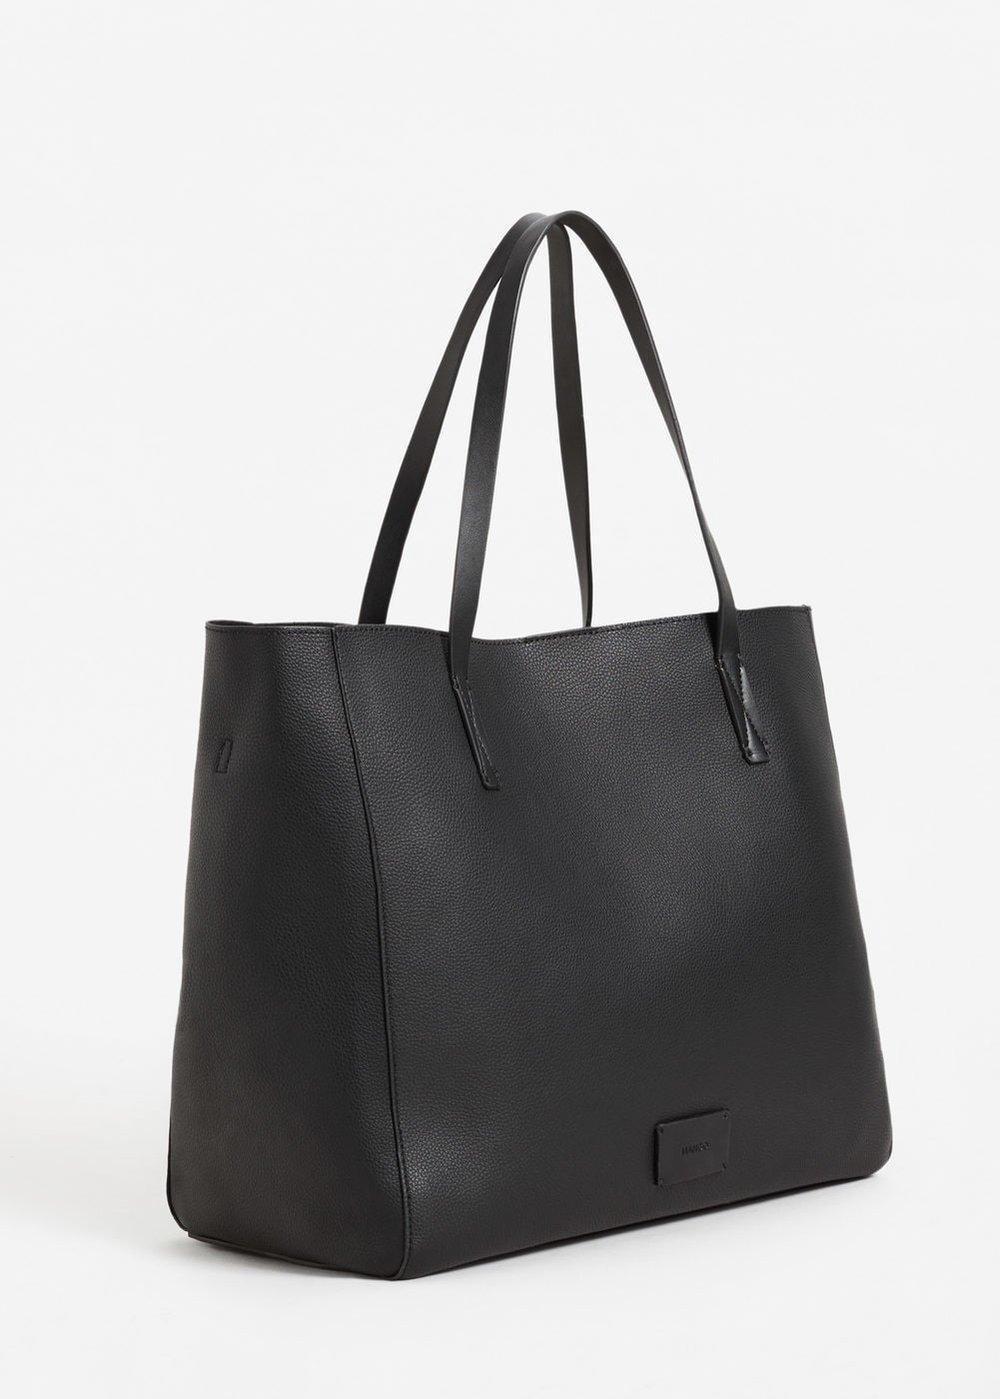 Mango Tote Bag - £19.00